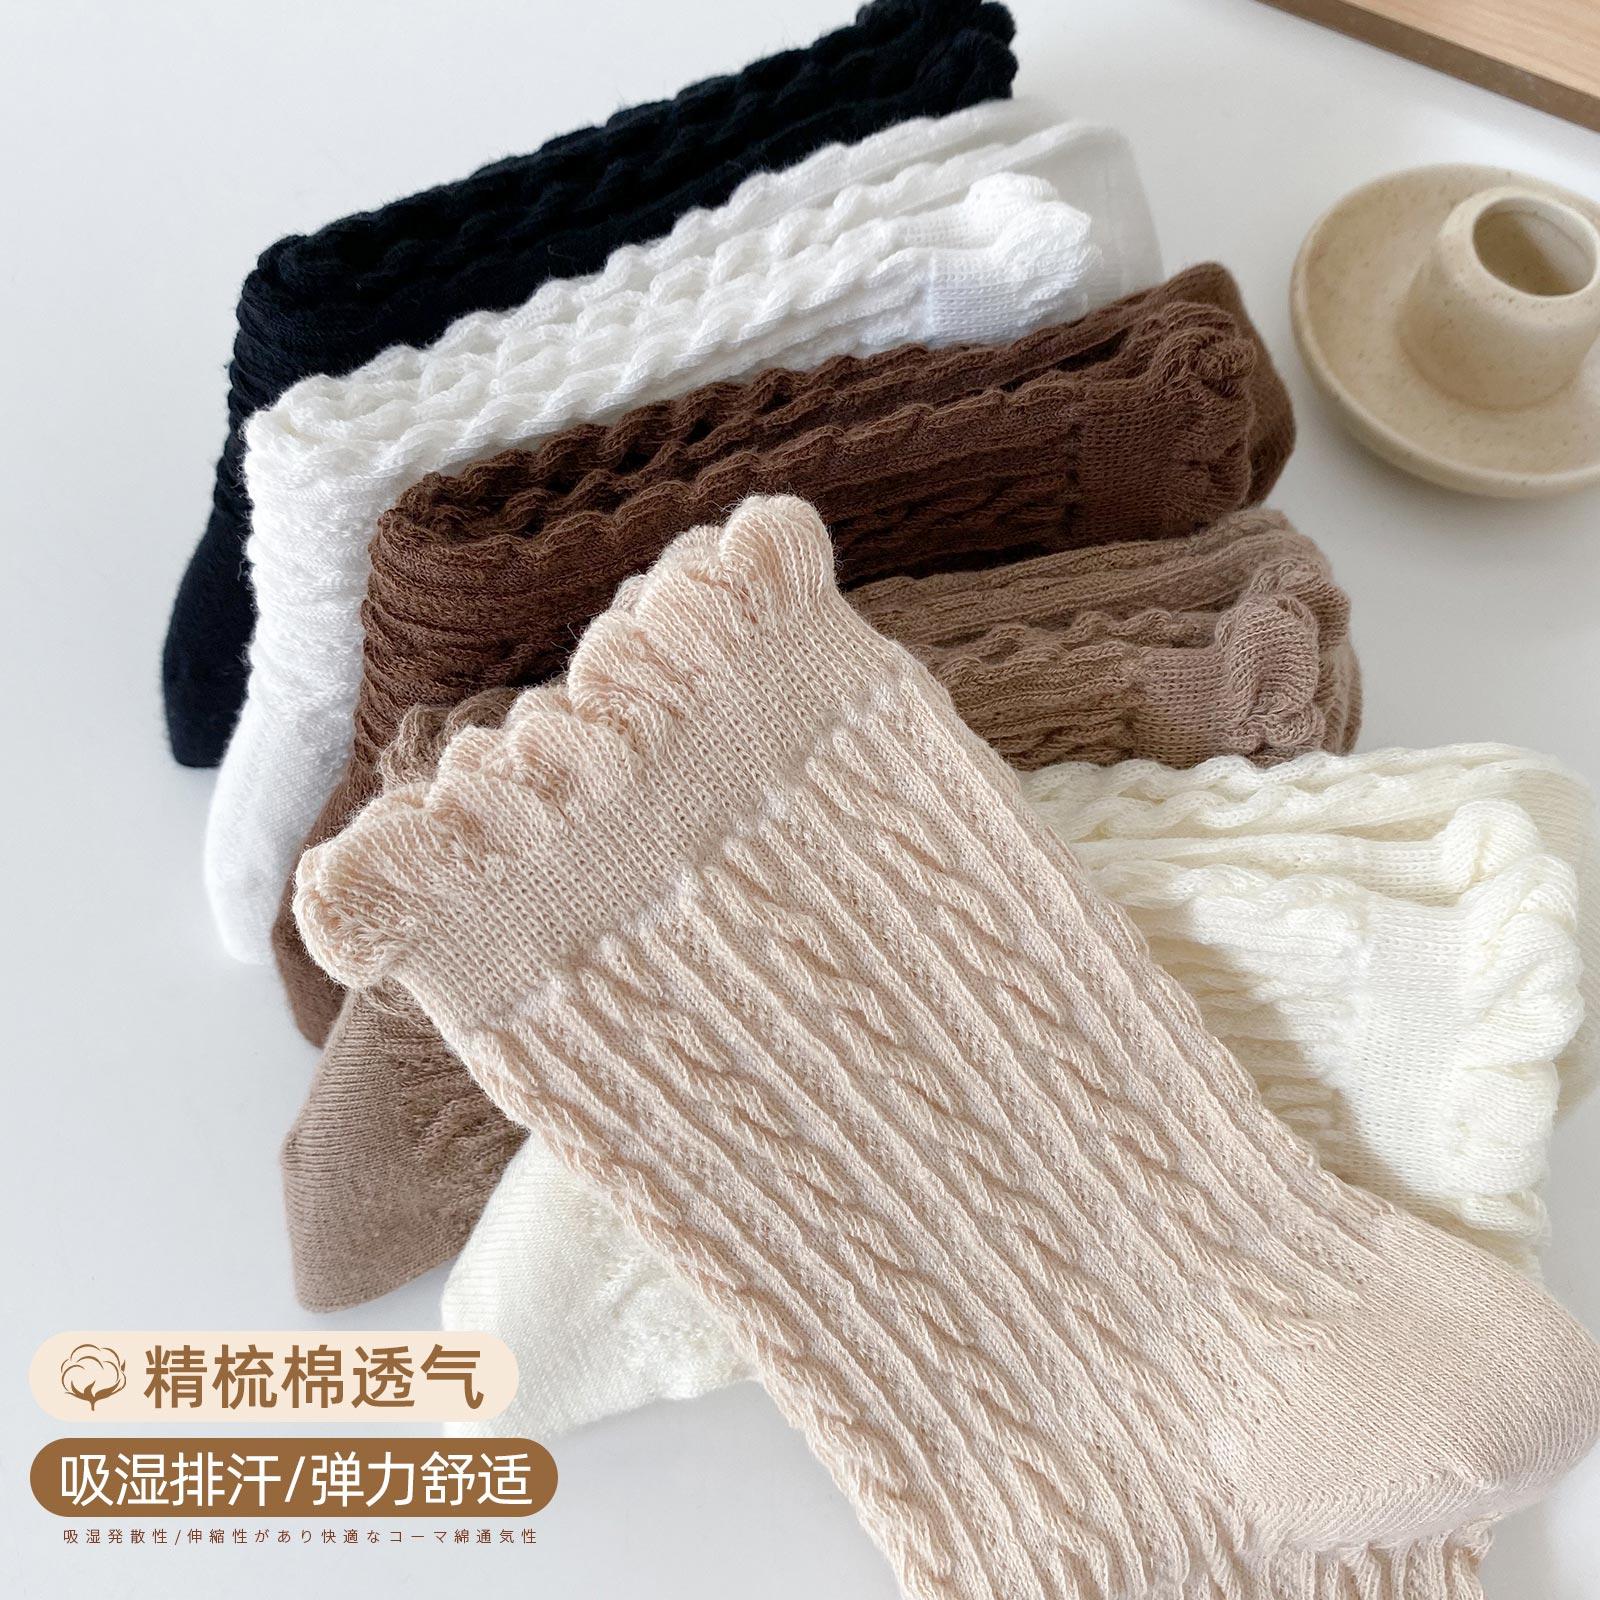 长袜子中筒袜堆堆袜女搭配小皮鞋木耳边秋季纯棉花边长筒春秋冬季